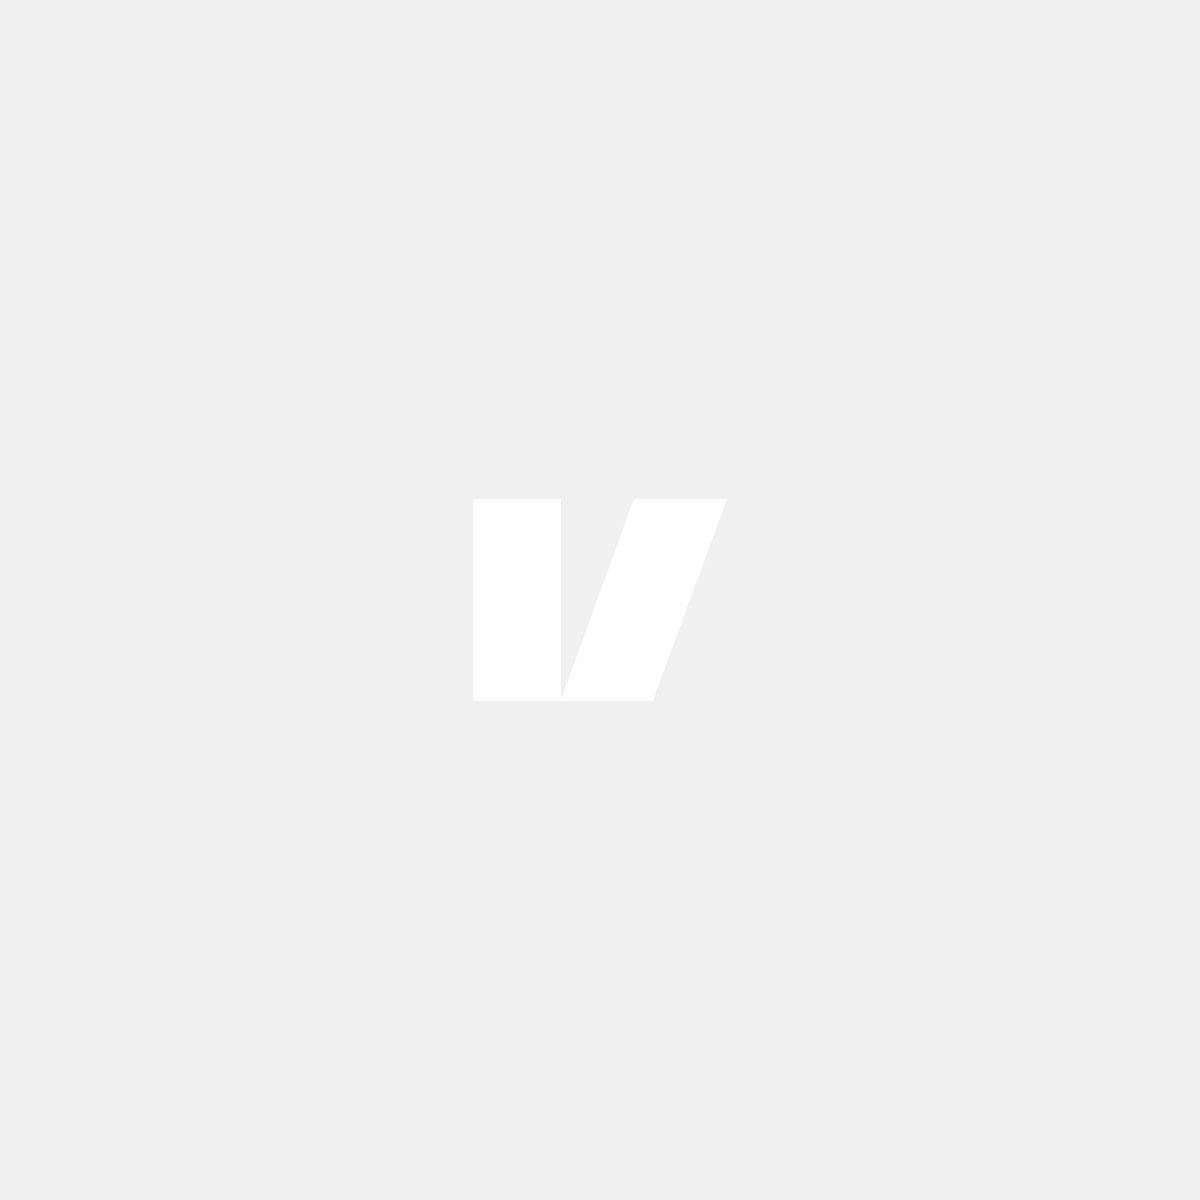 Bakre ljuddämpare till Volvo S40, V40, 96-04